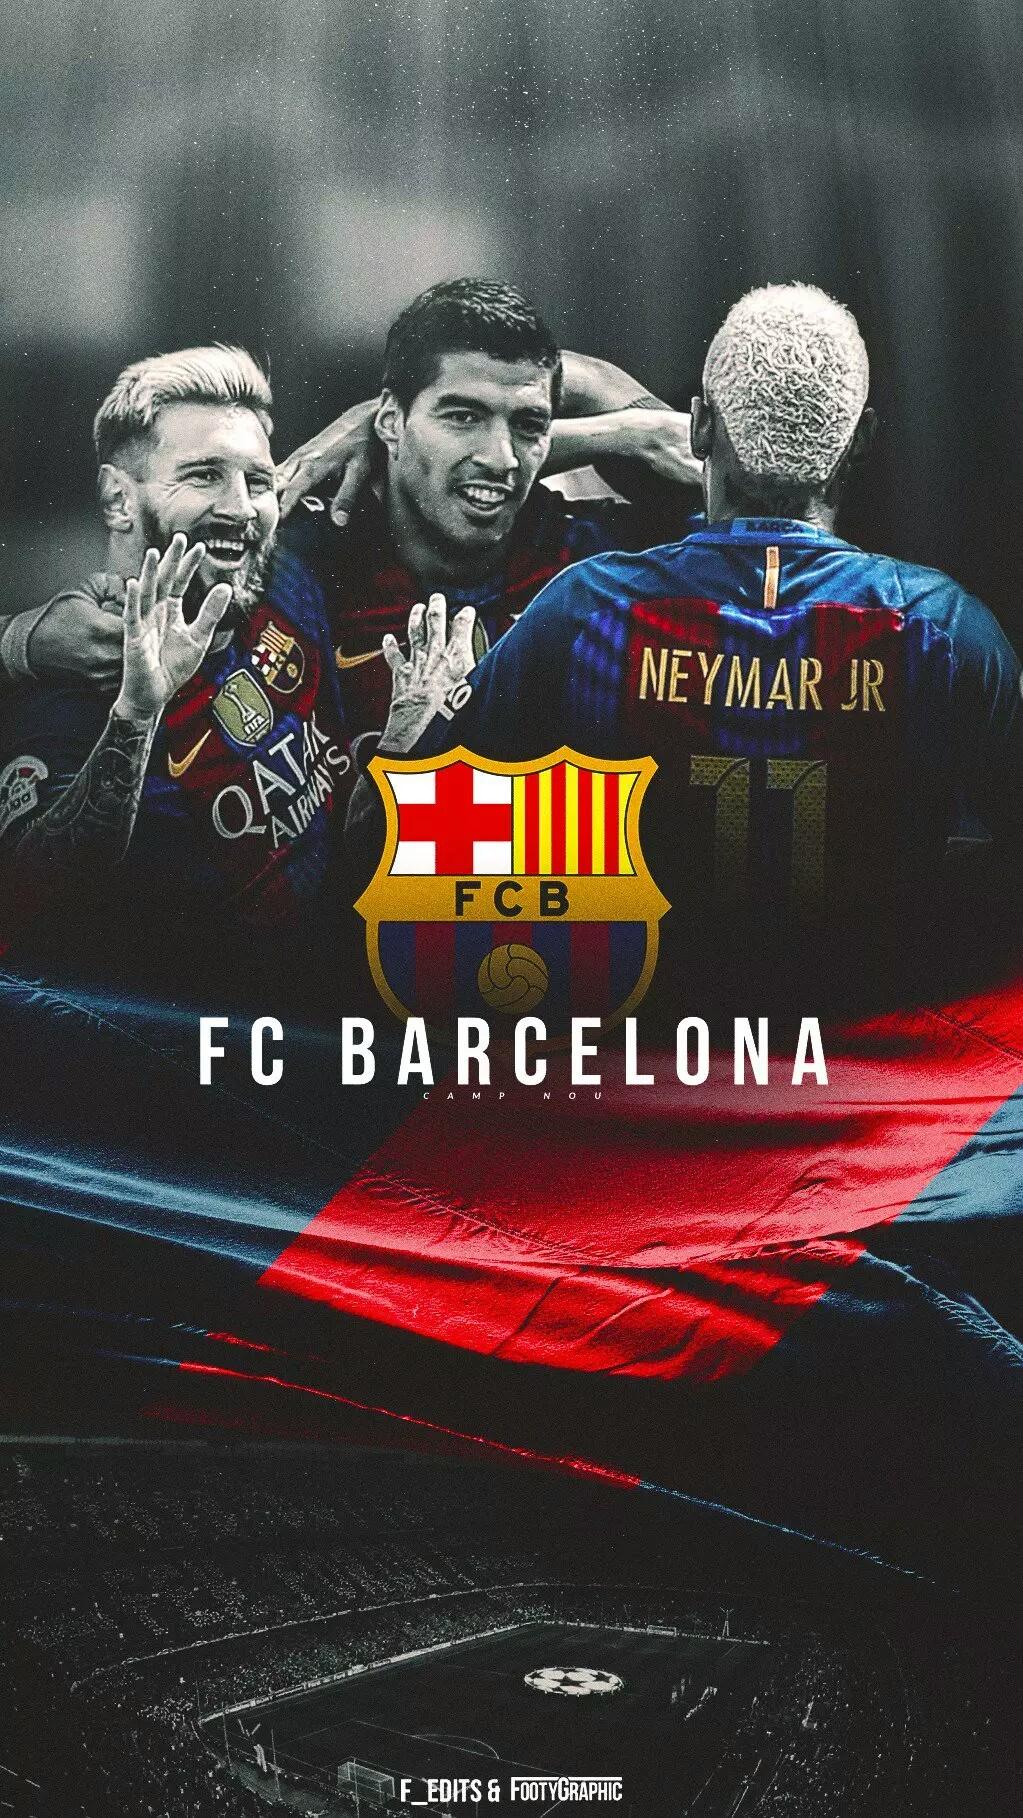 大赢家足球直播比分_足球大赢家比分直播_足球历史上最大比分